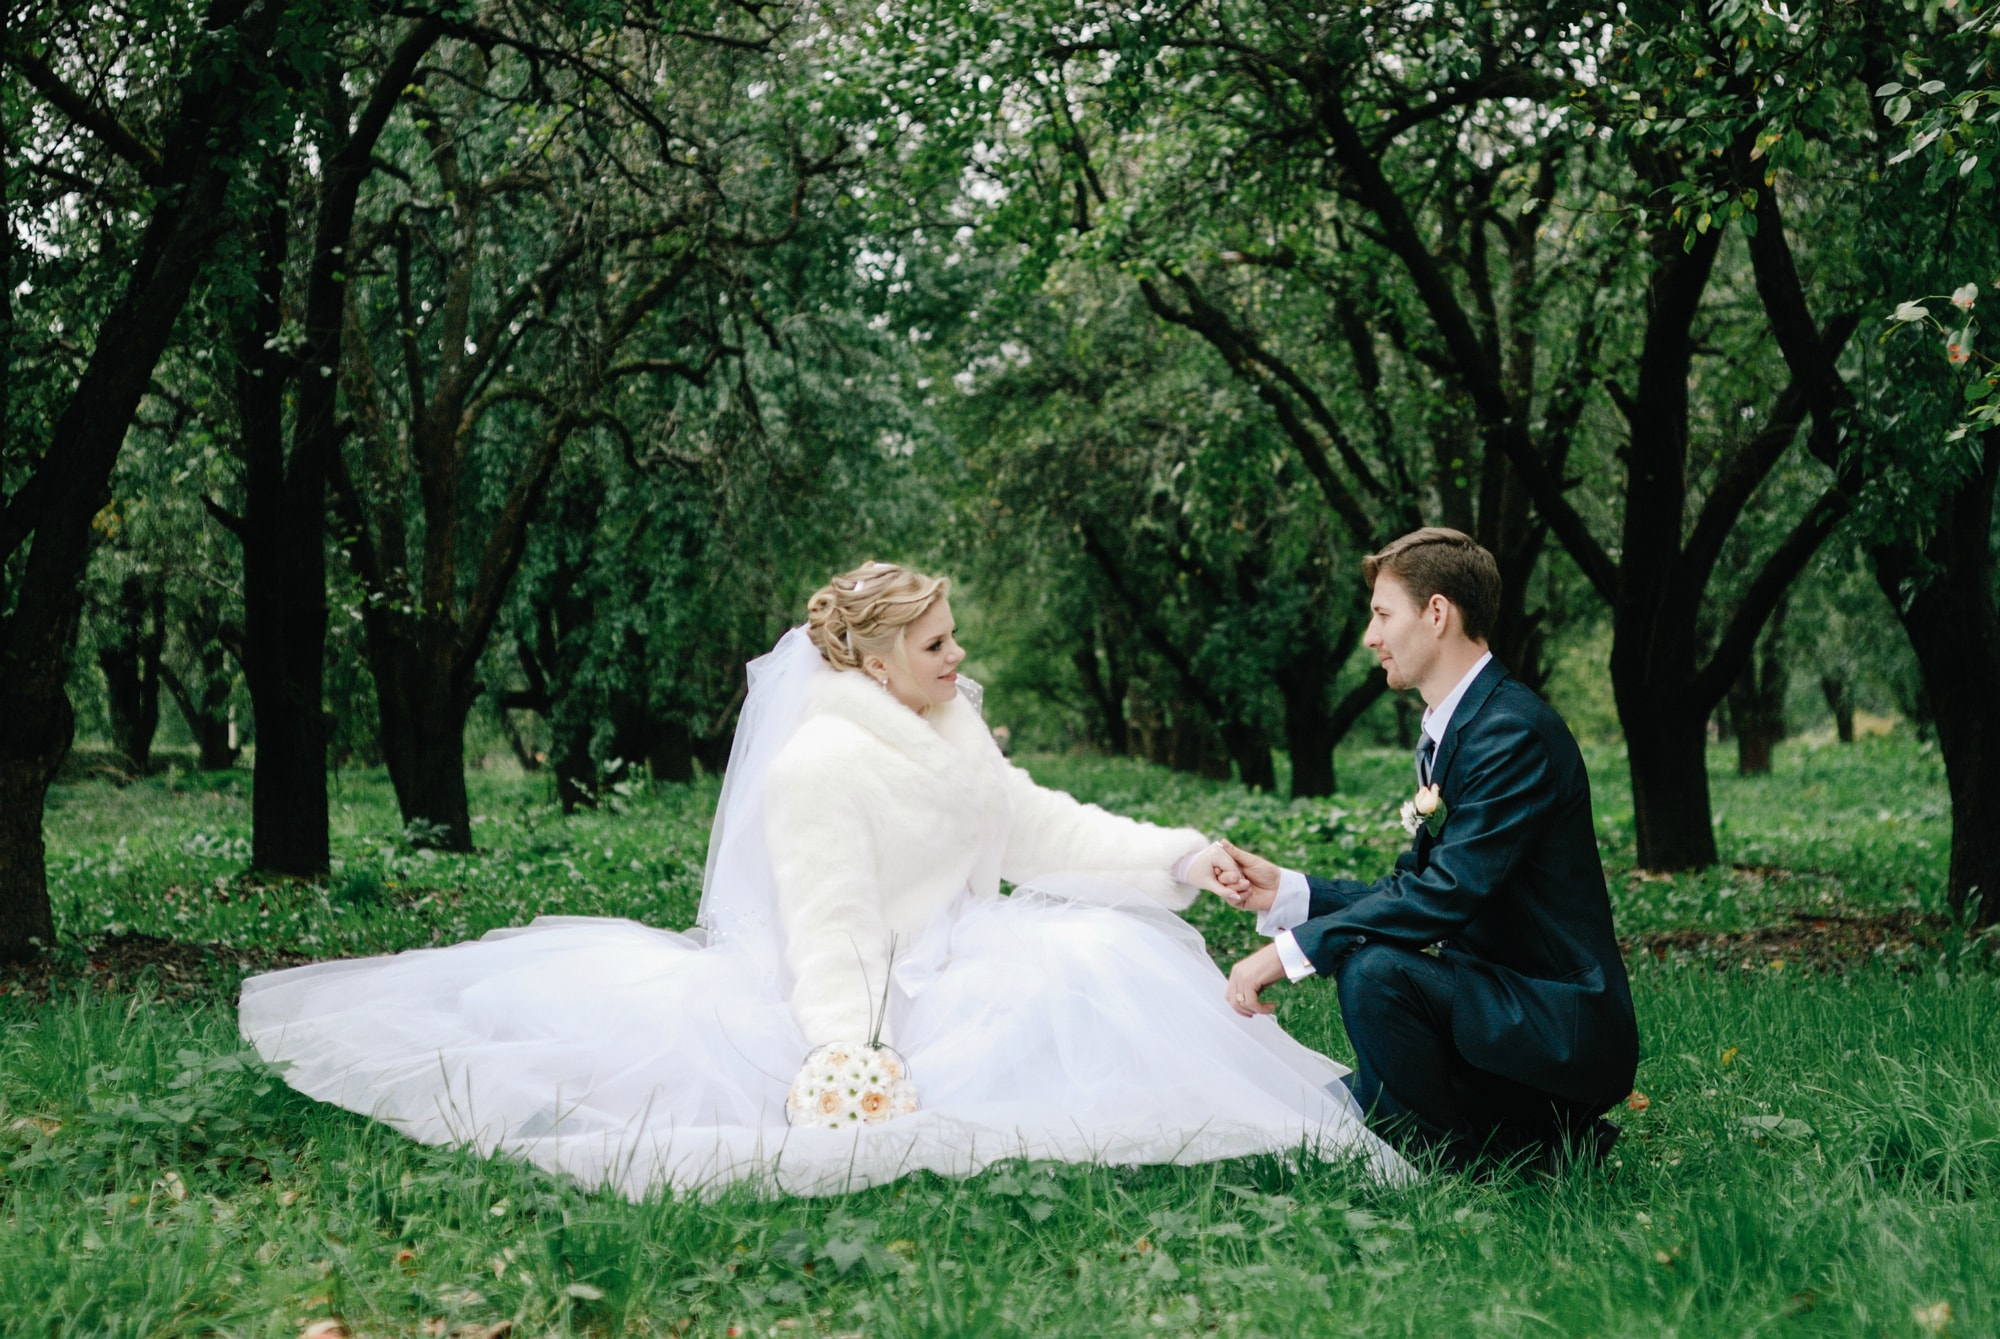 Признания в любви в яблочном саду - Фотограф Киев - Женя Лайт